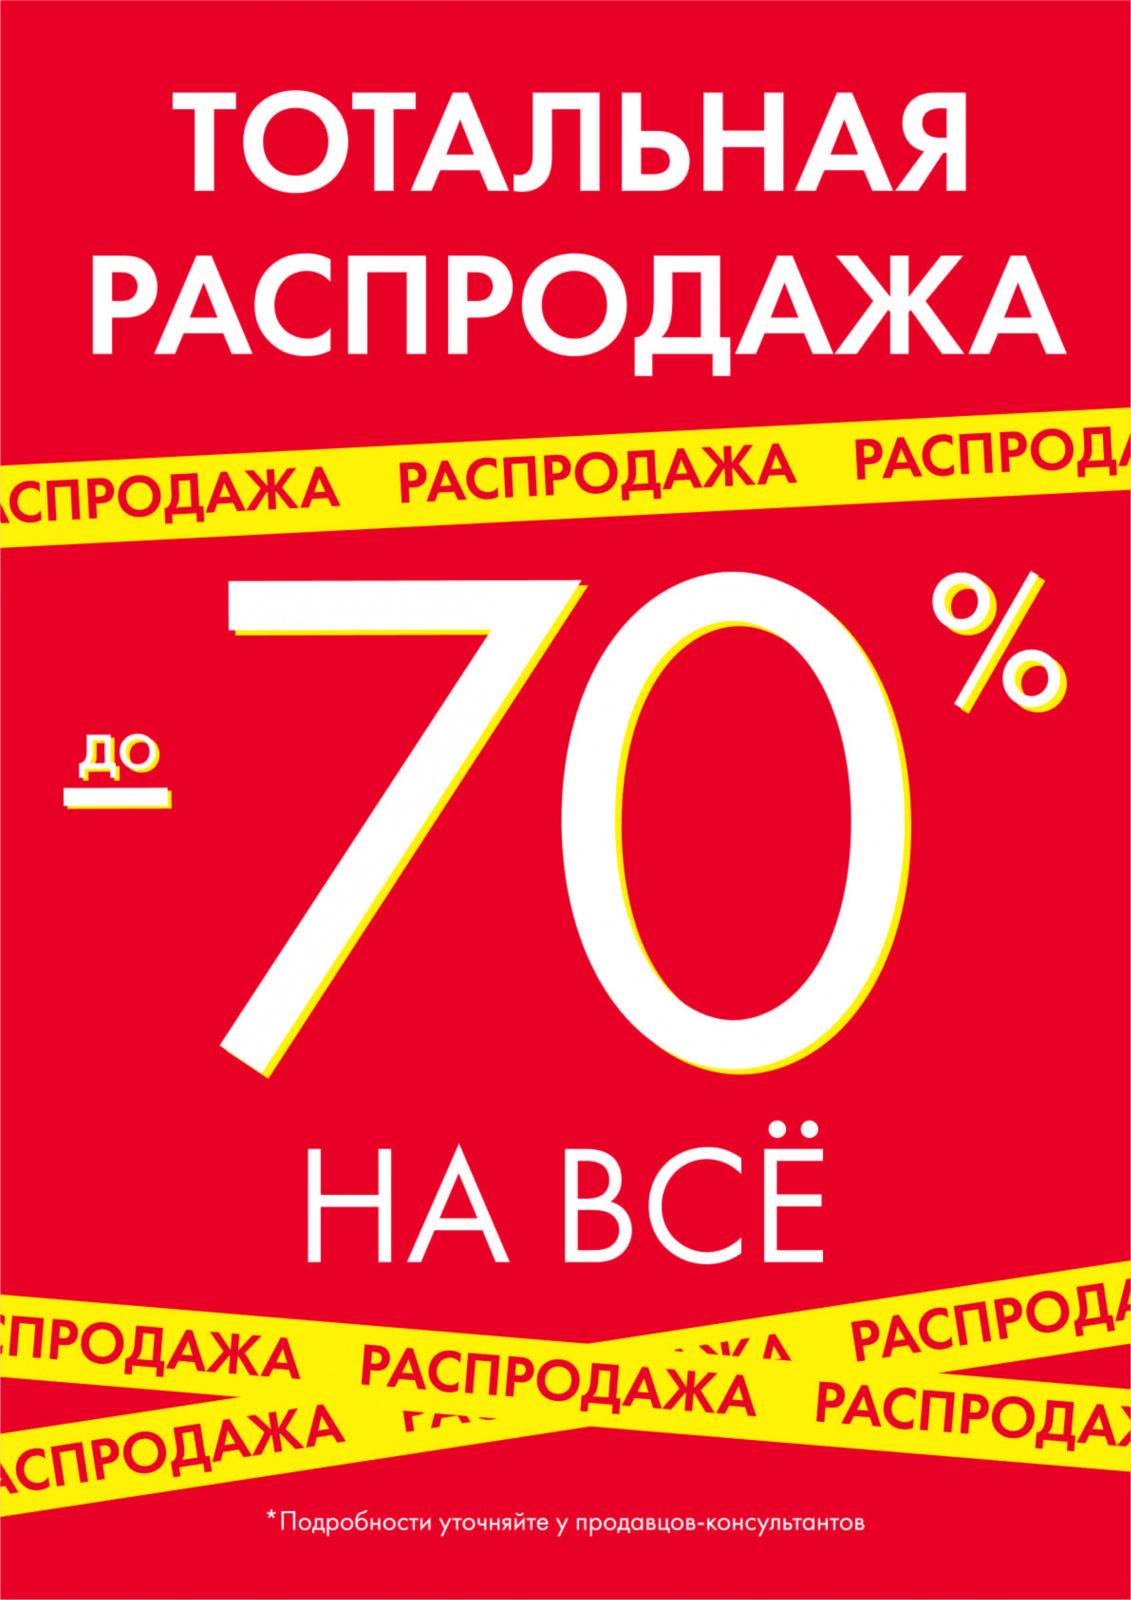 Распродажа картинки badi сайт